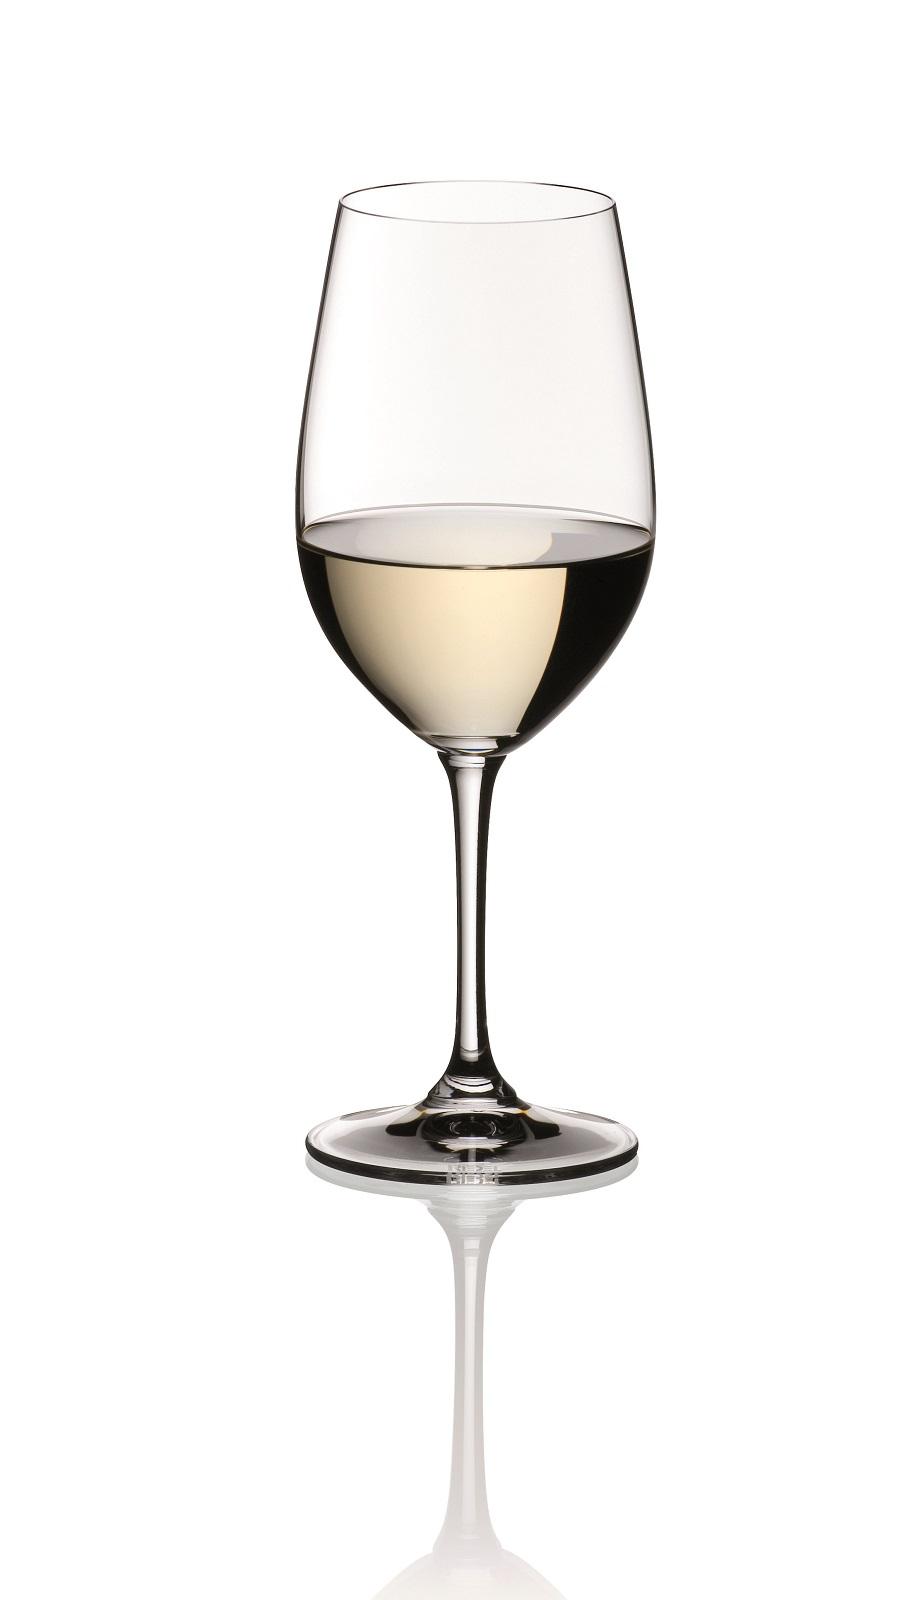 Набор бокалов для вина_Zinfandel/Riesling Riedel Vinum, объем 0,4 л, прозрачный, 2 штуки Riedel 6416/15 фото 1